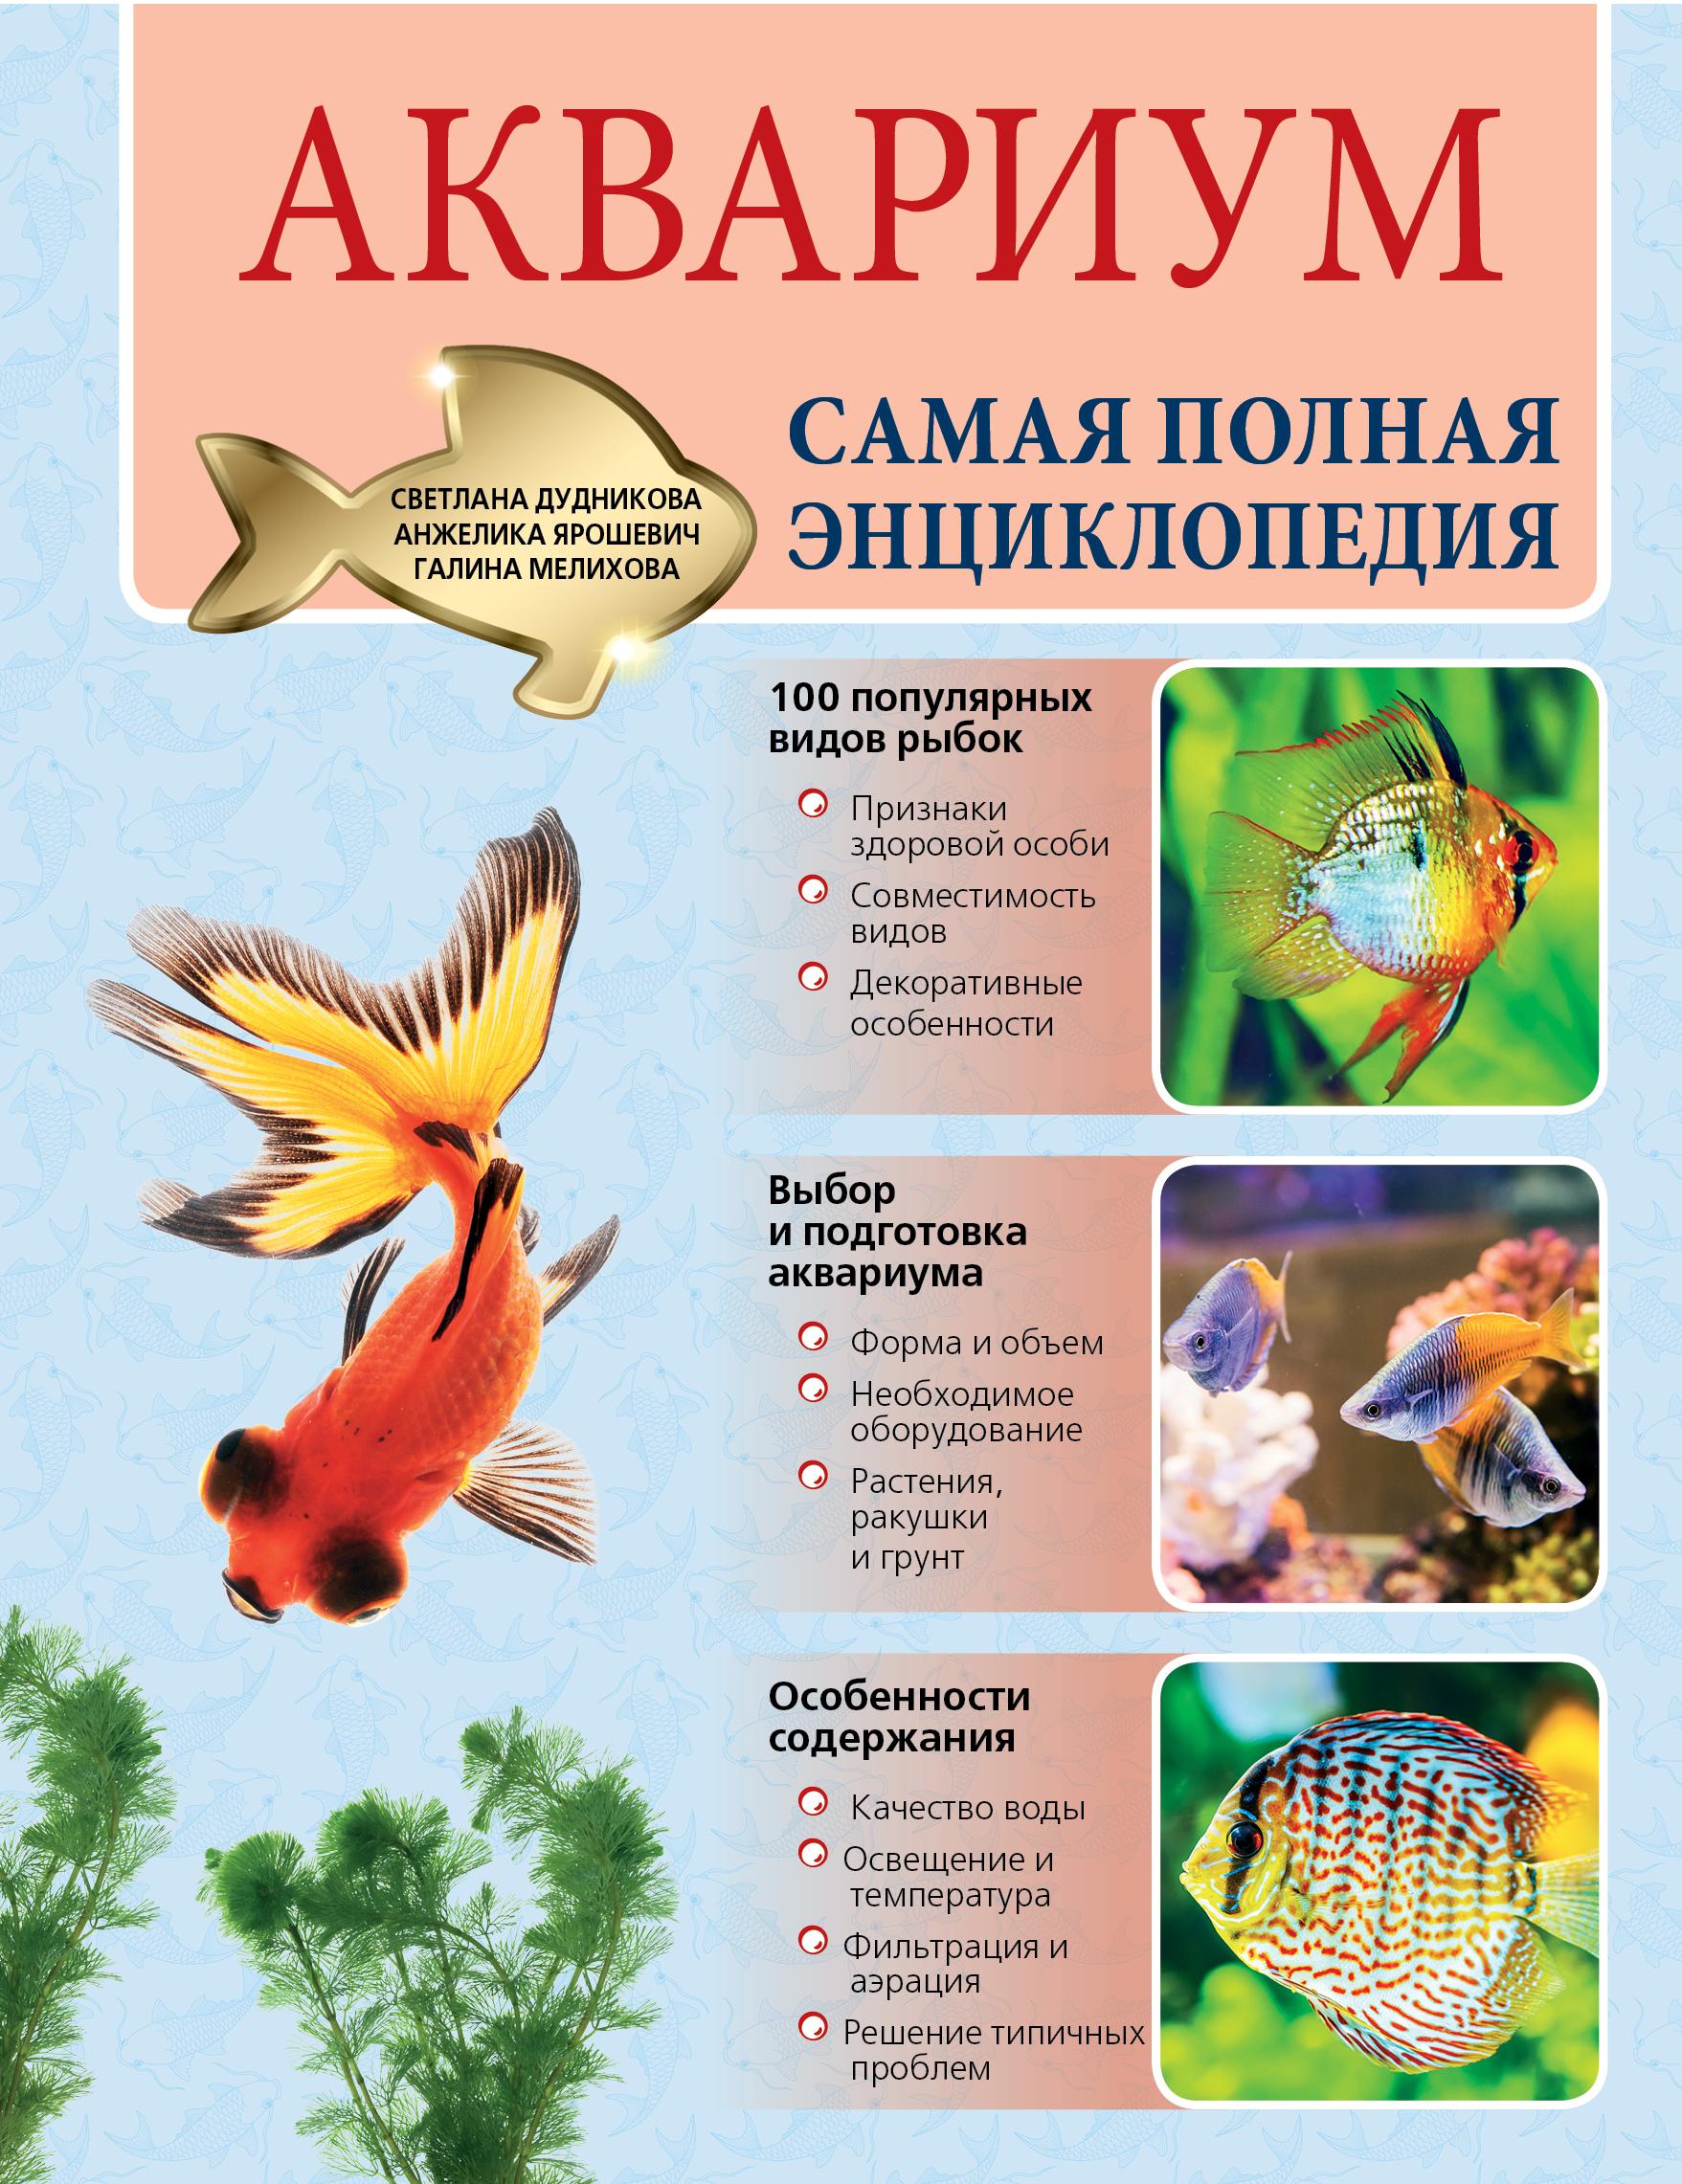 Аквариум. Самая полная энциклопедия от book24.ru